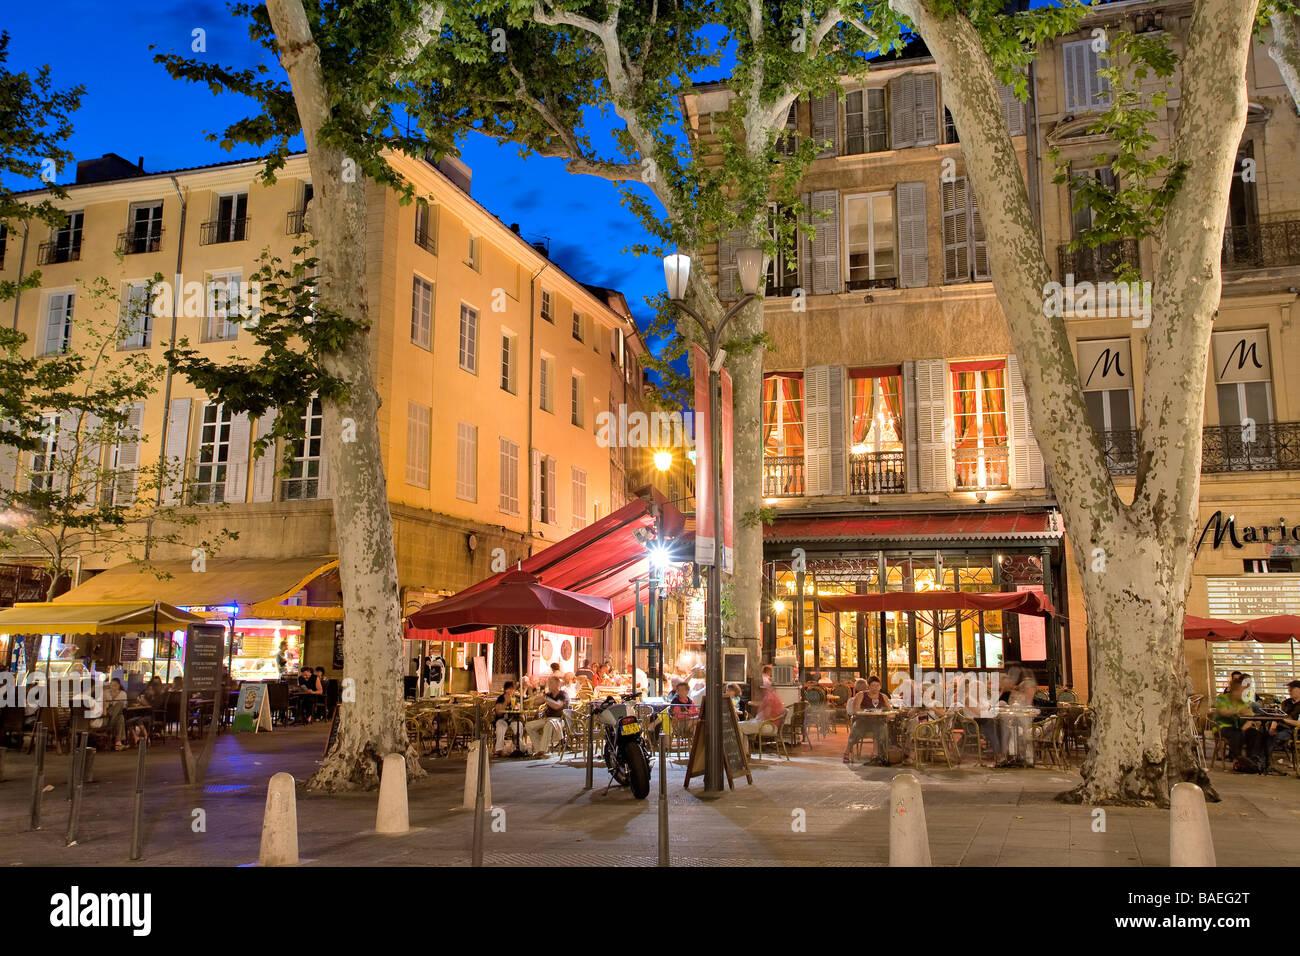 Cours Mirabeau, Aix en Provence, Bouches-du-Rhône | Aix en